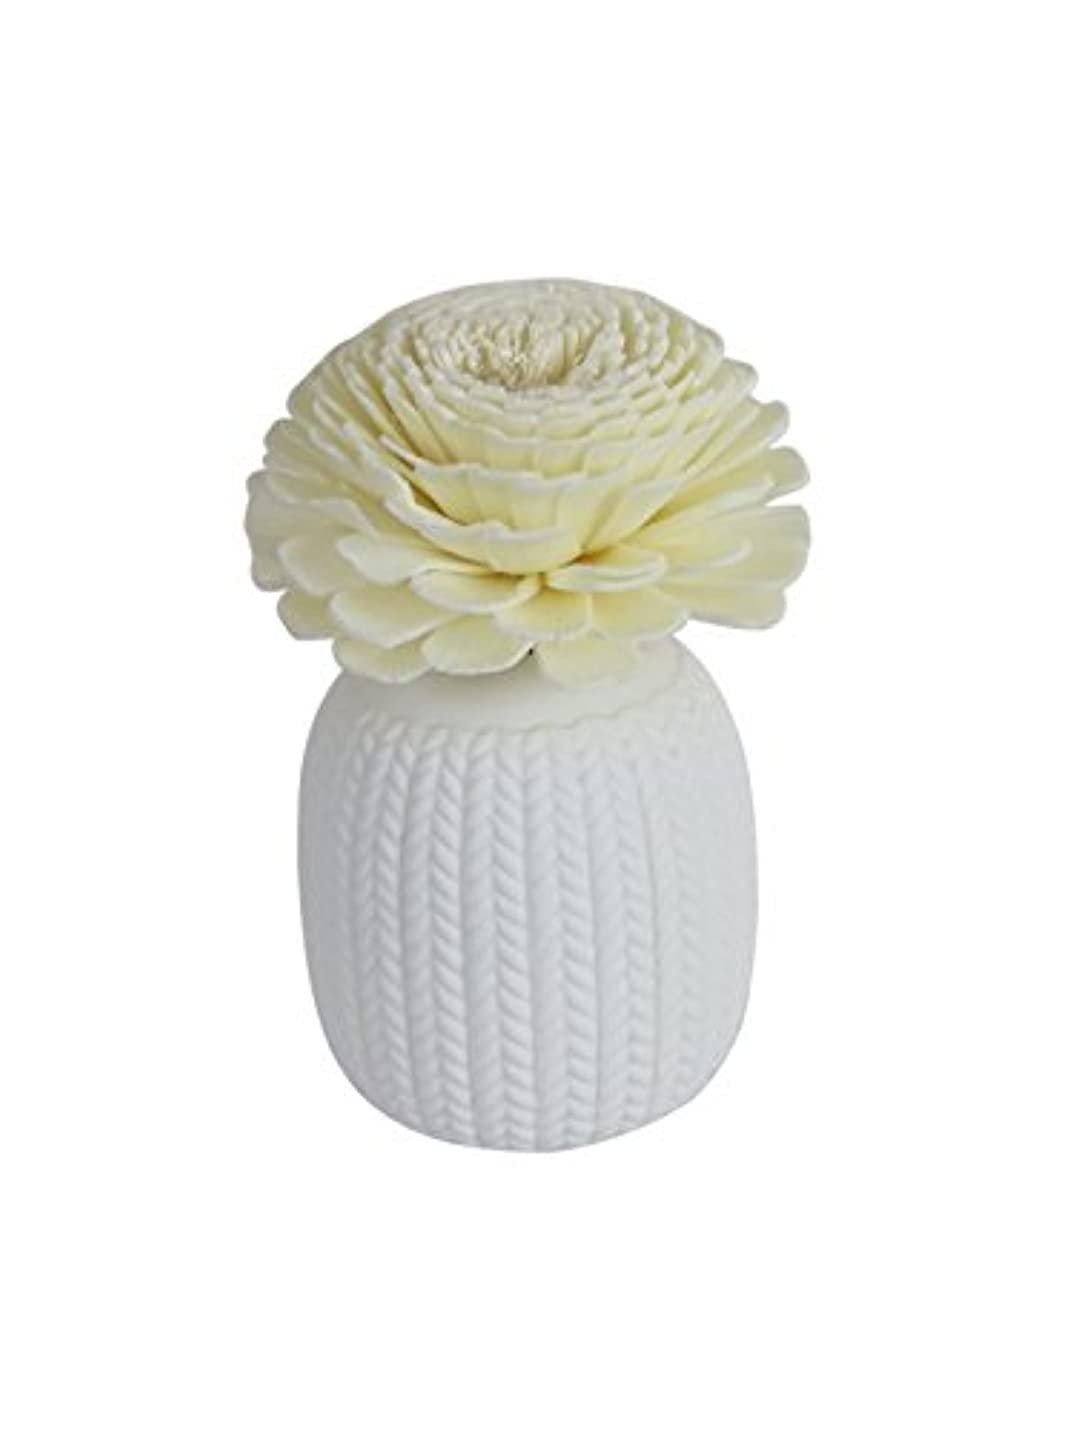 宣教師必要としているライナーAroma Blossom新しいYorkセラミックNarrow Flower Diffuser、ラベンダー